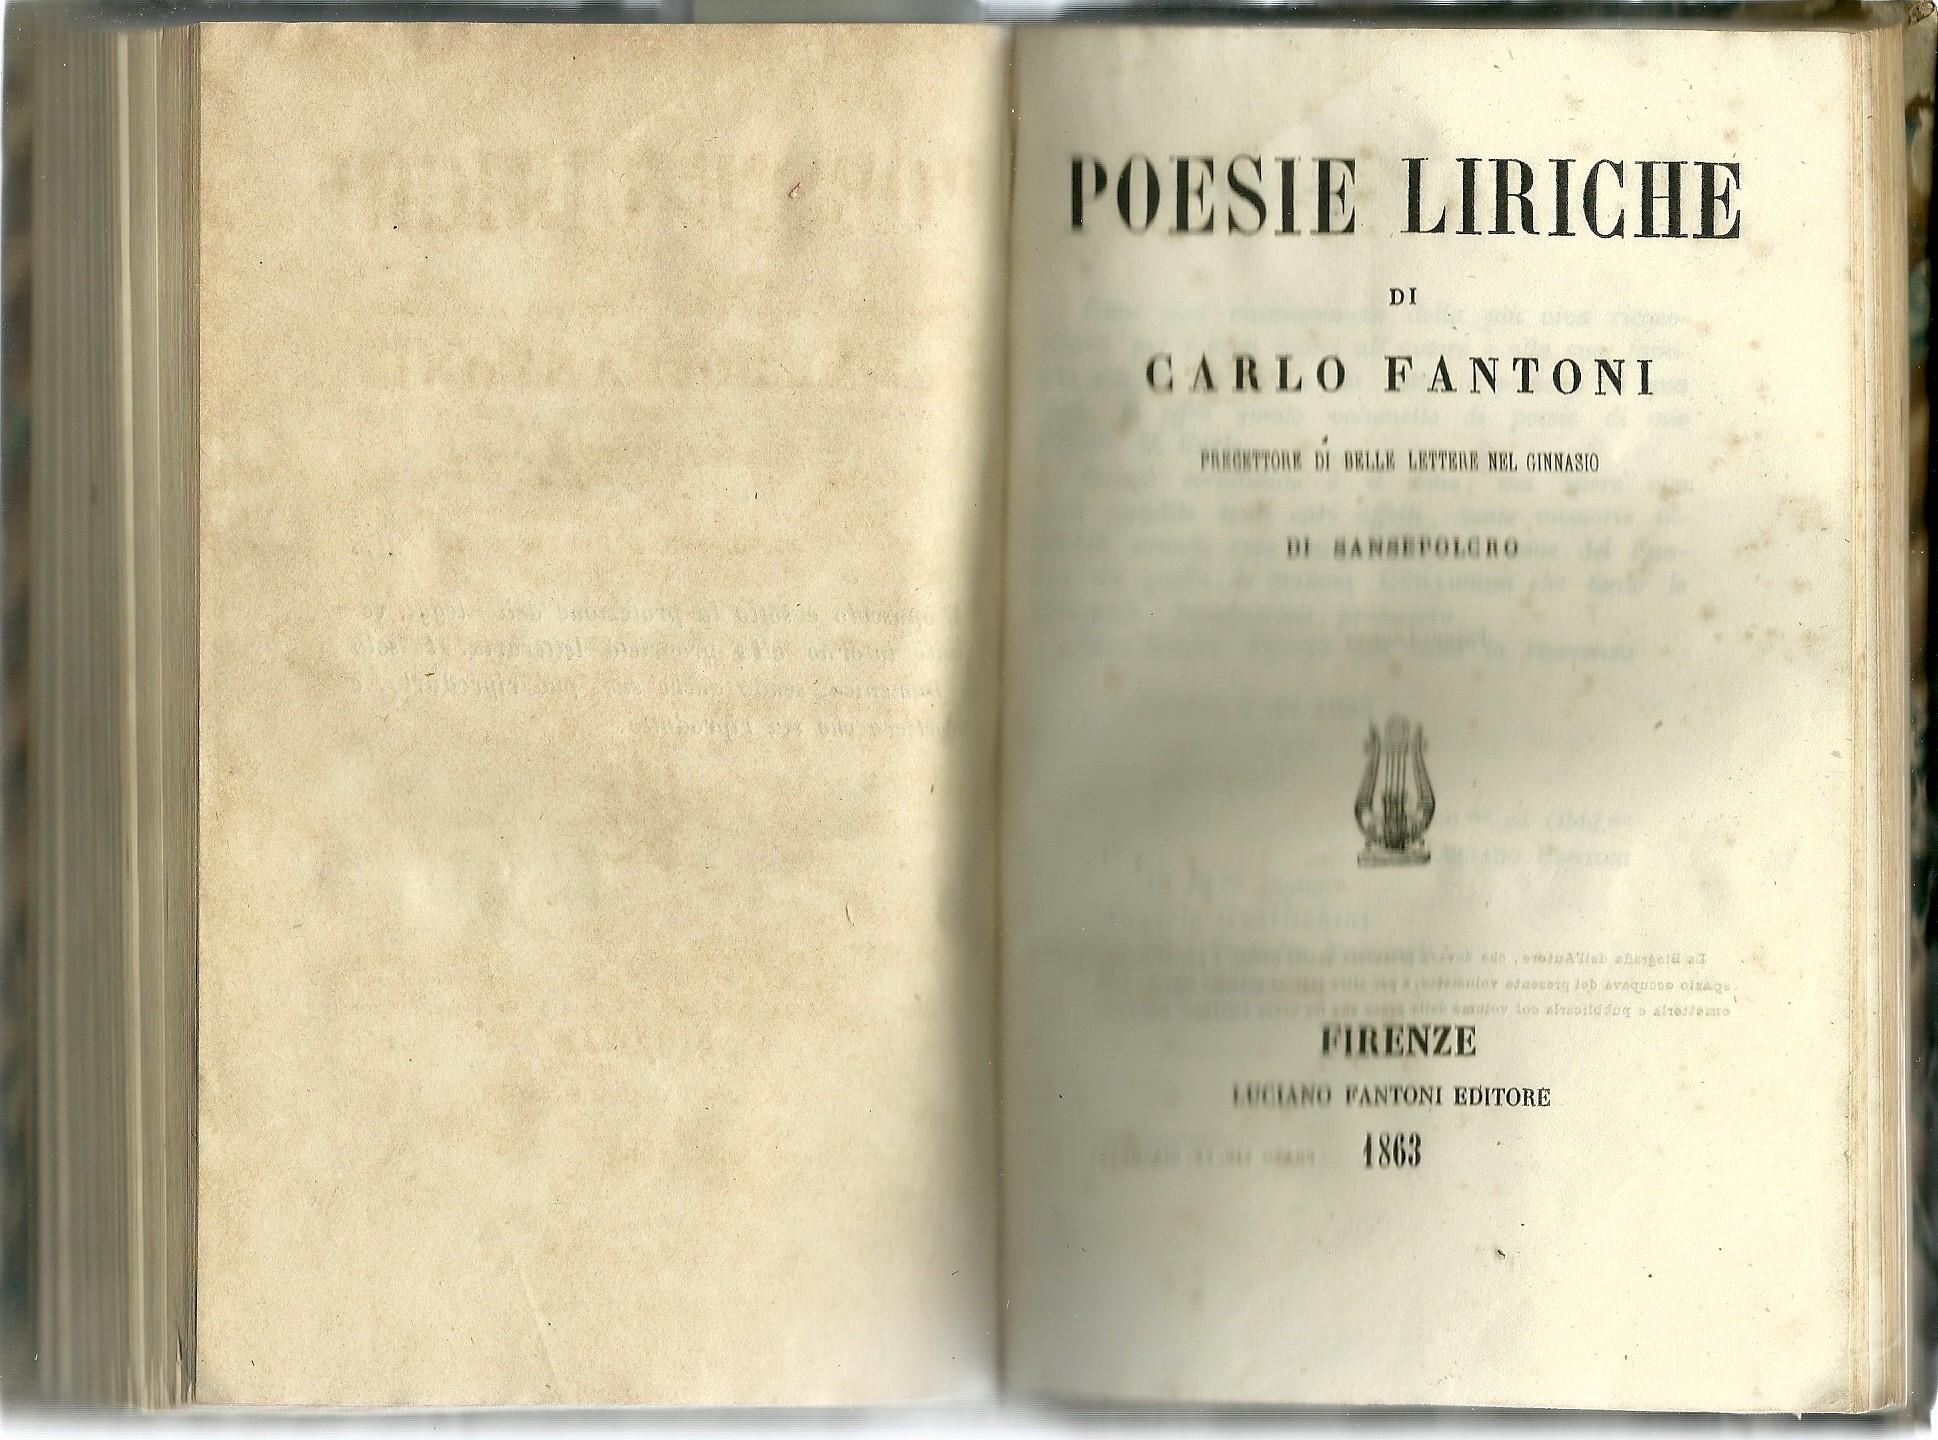 Poesie liriche di Carlo Fantoni